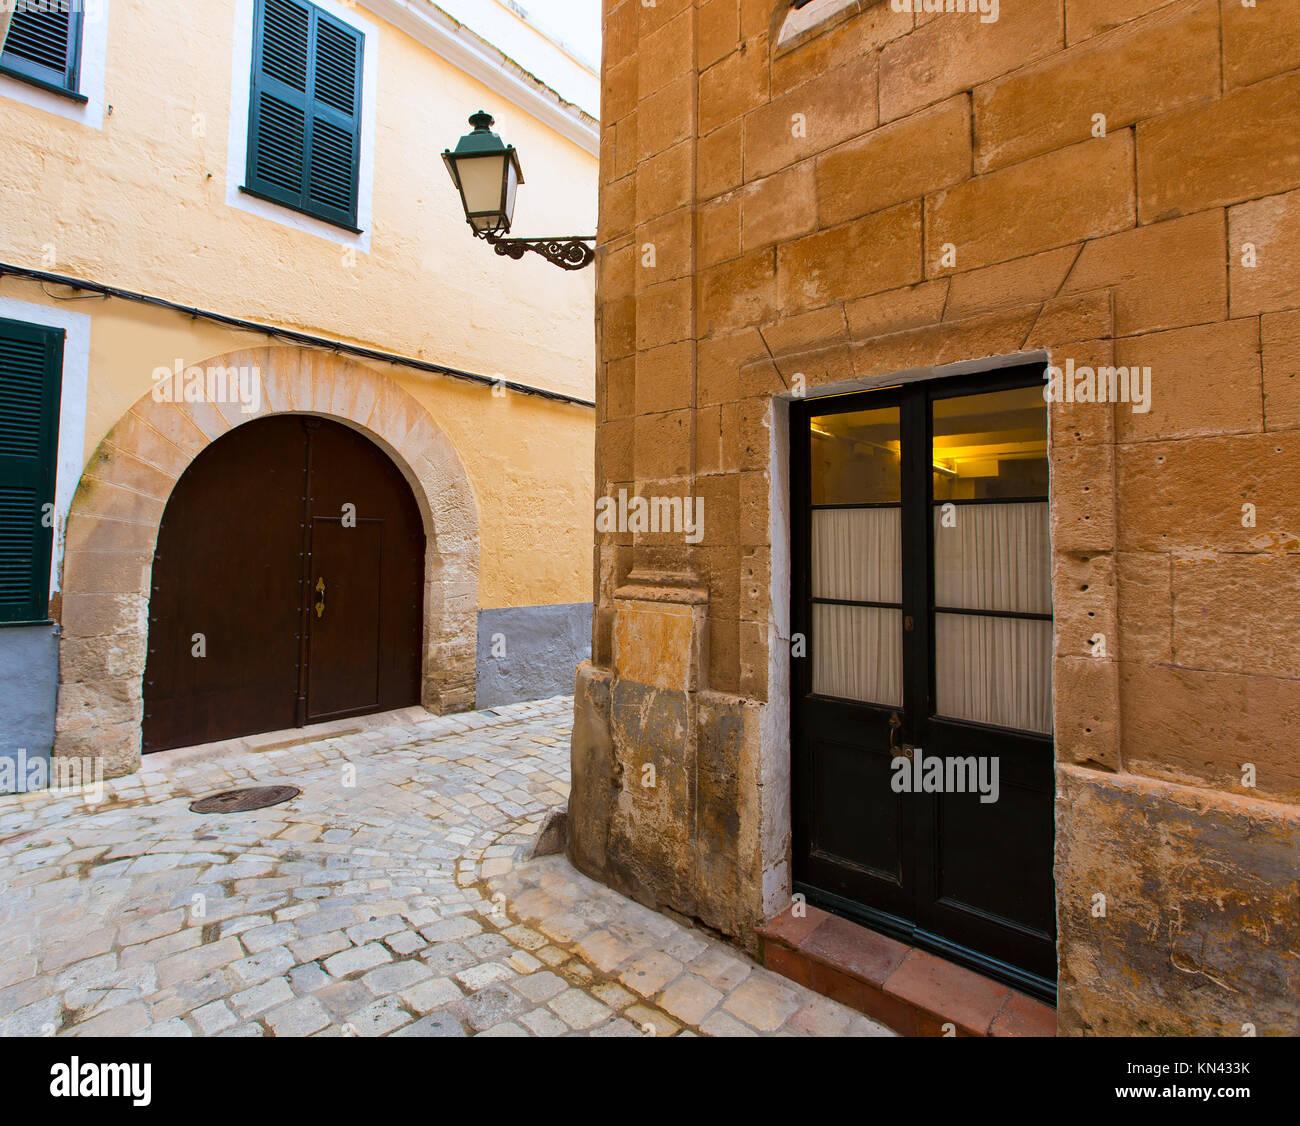 Le centre-ville historique de ciutadella de menorca à îles Baléares. Photo Stock